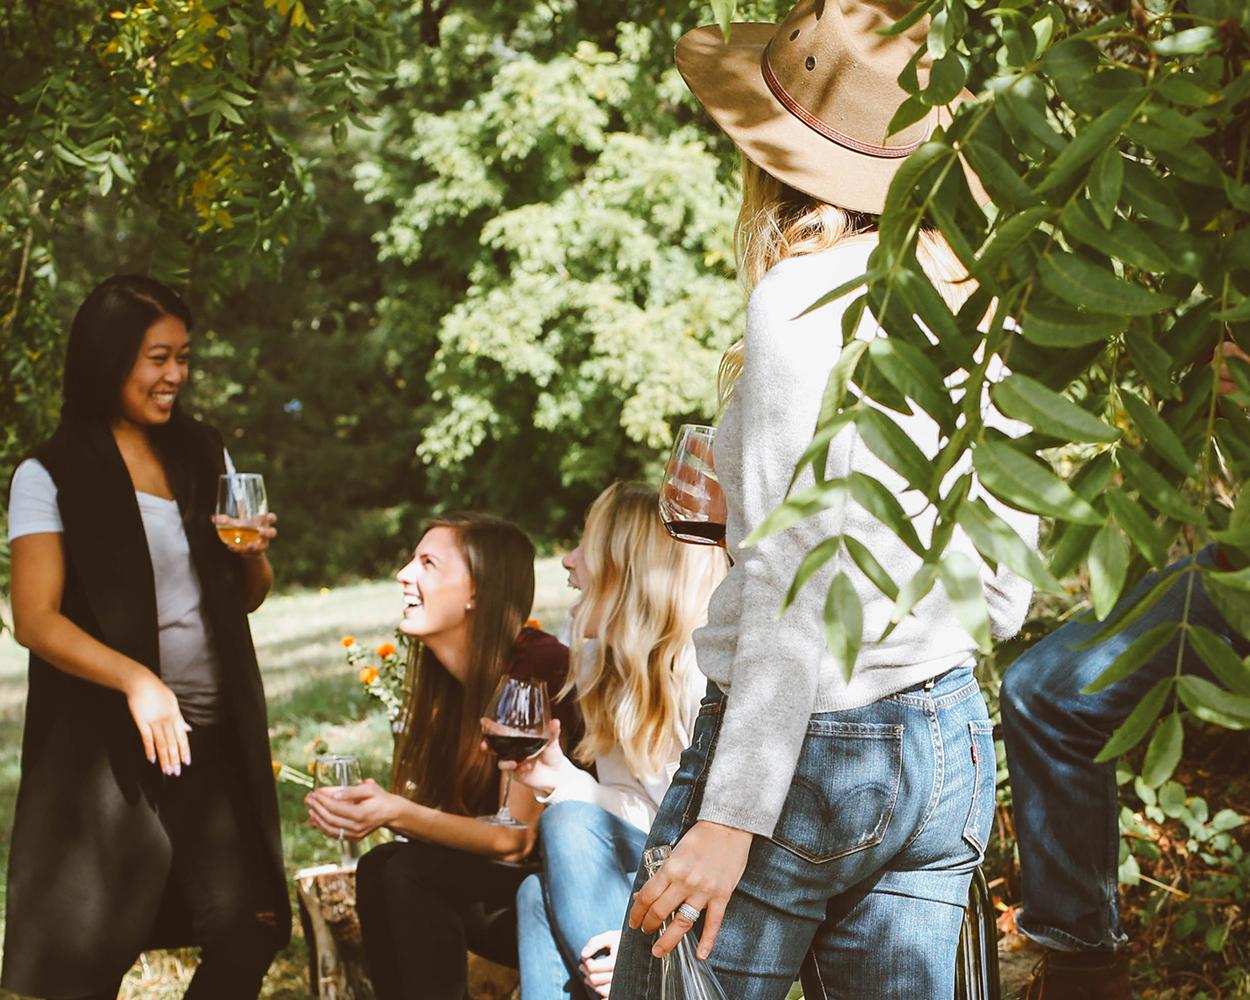 Grillparty mit Freunden